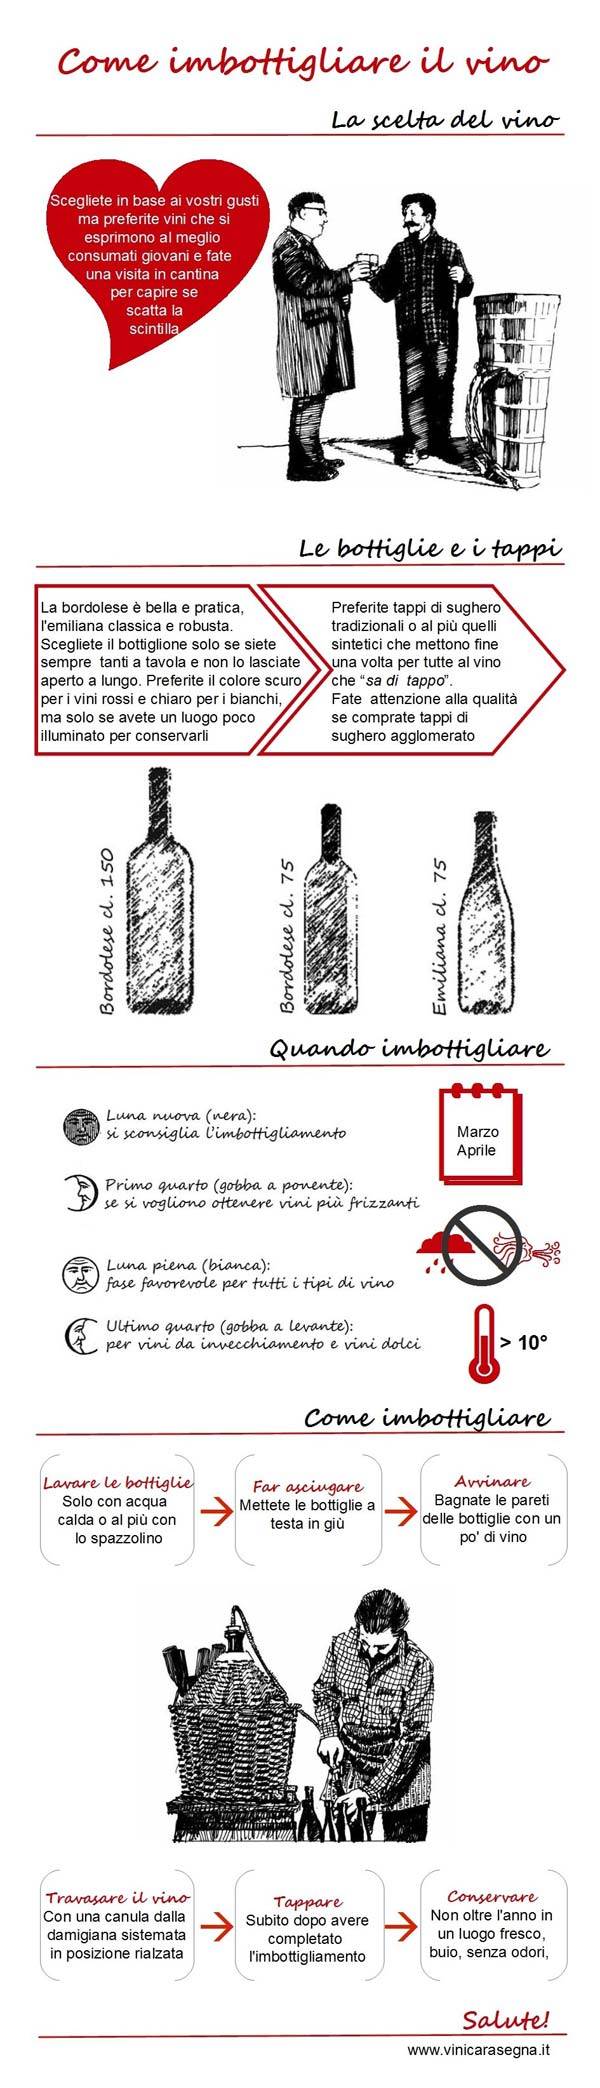 Come imbottigliare il vino